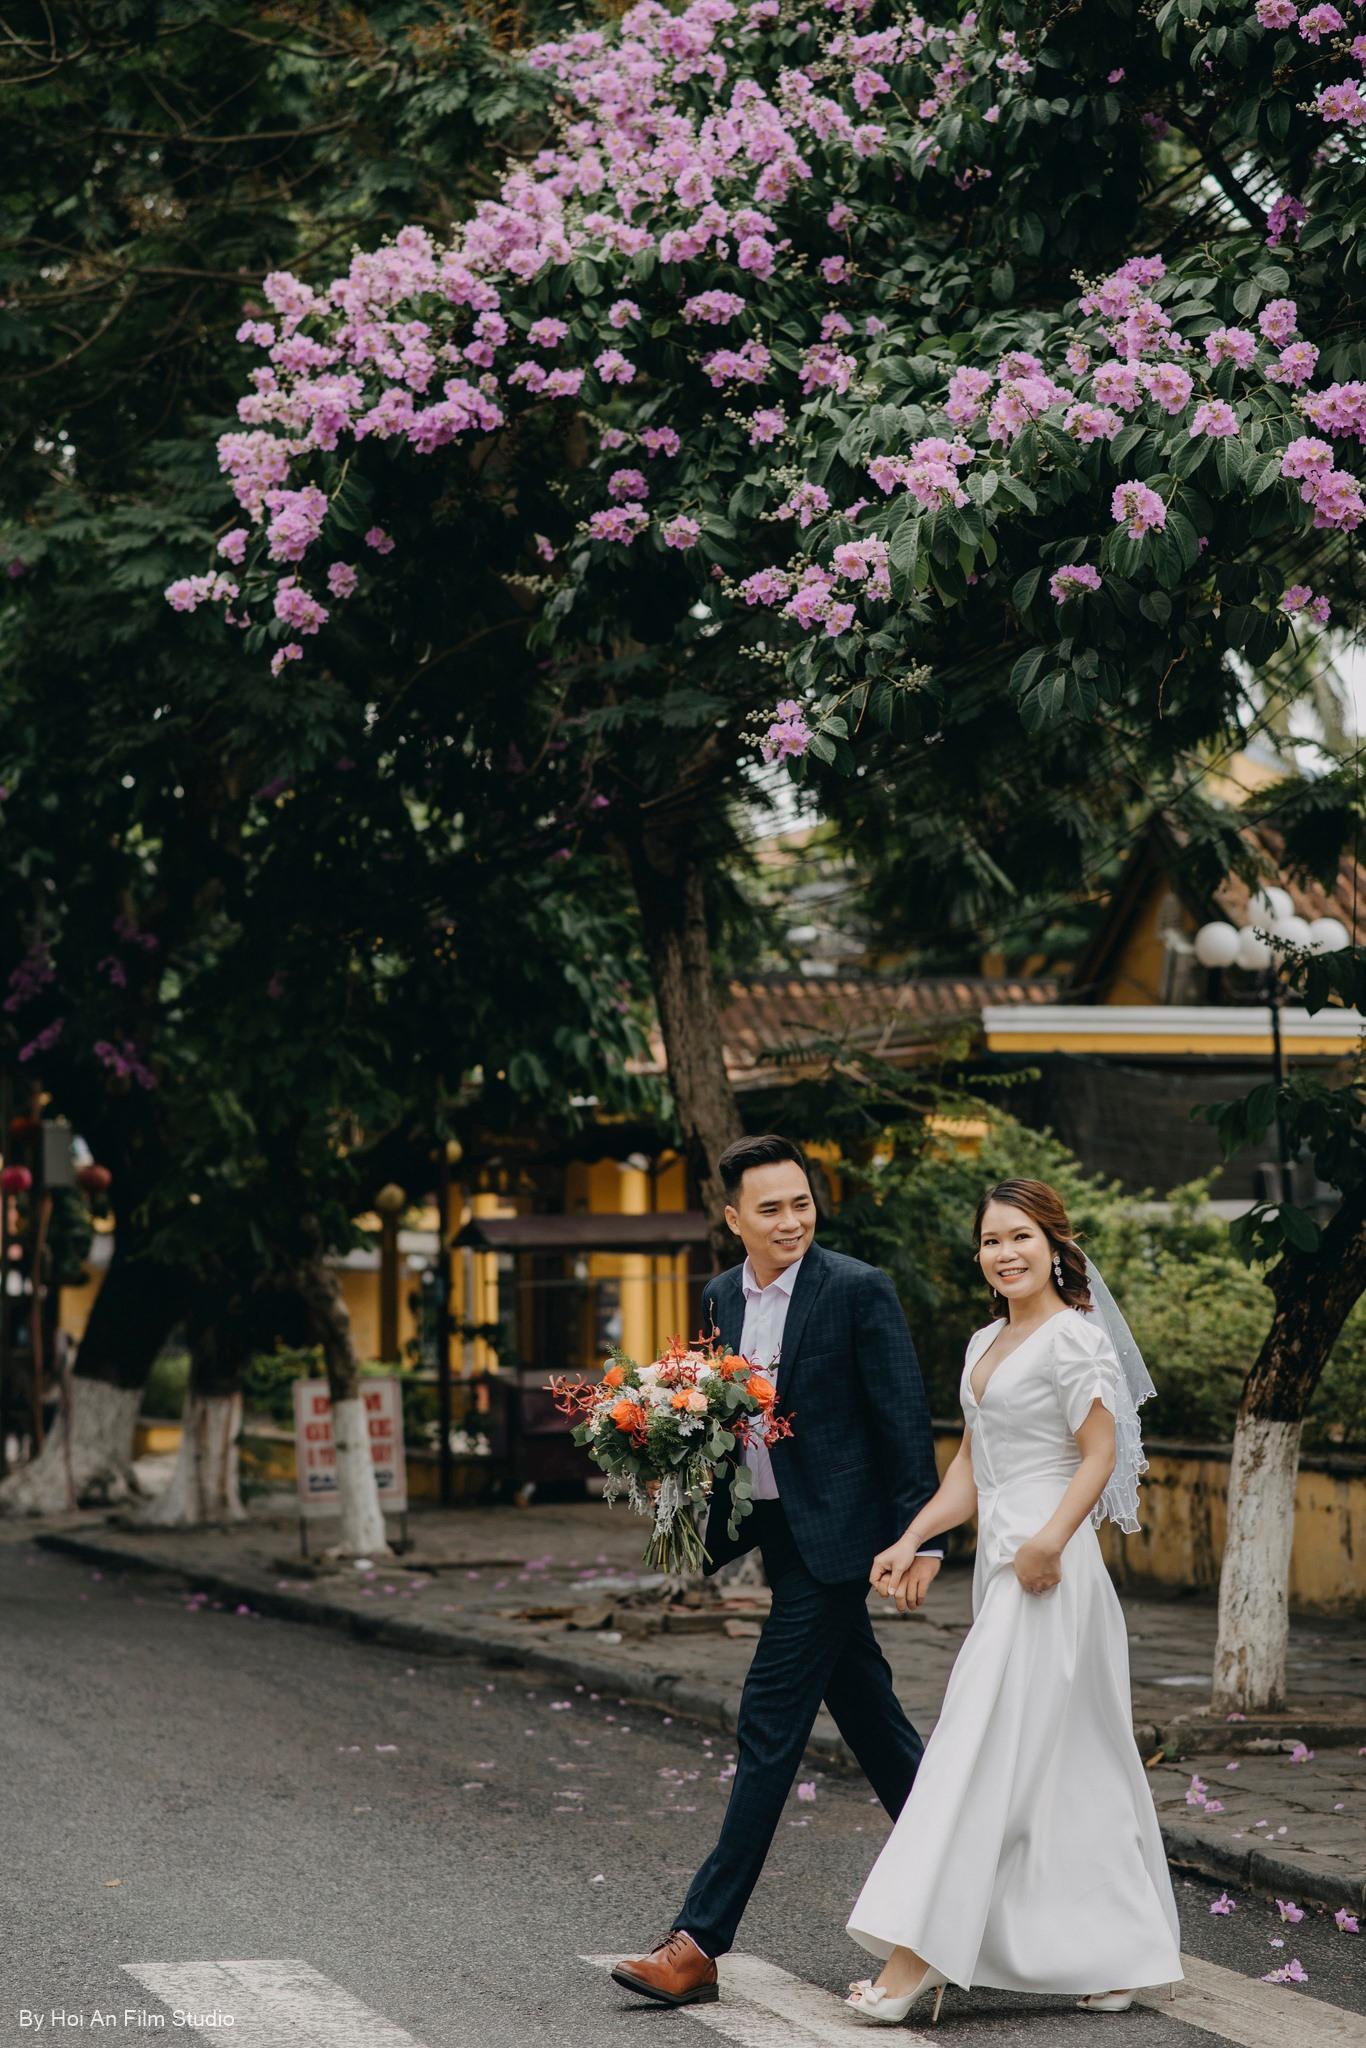 (Tiếng Việt) chụp ảnh cưới hội an